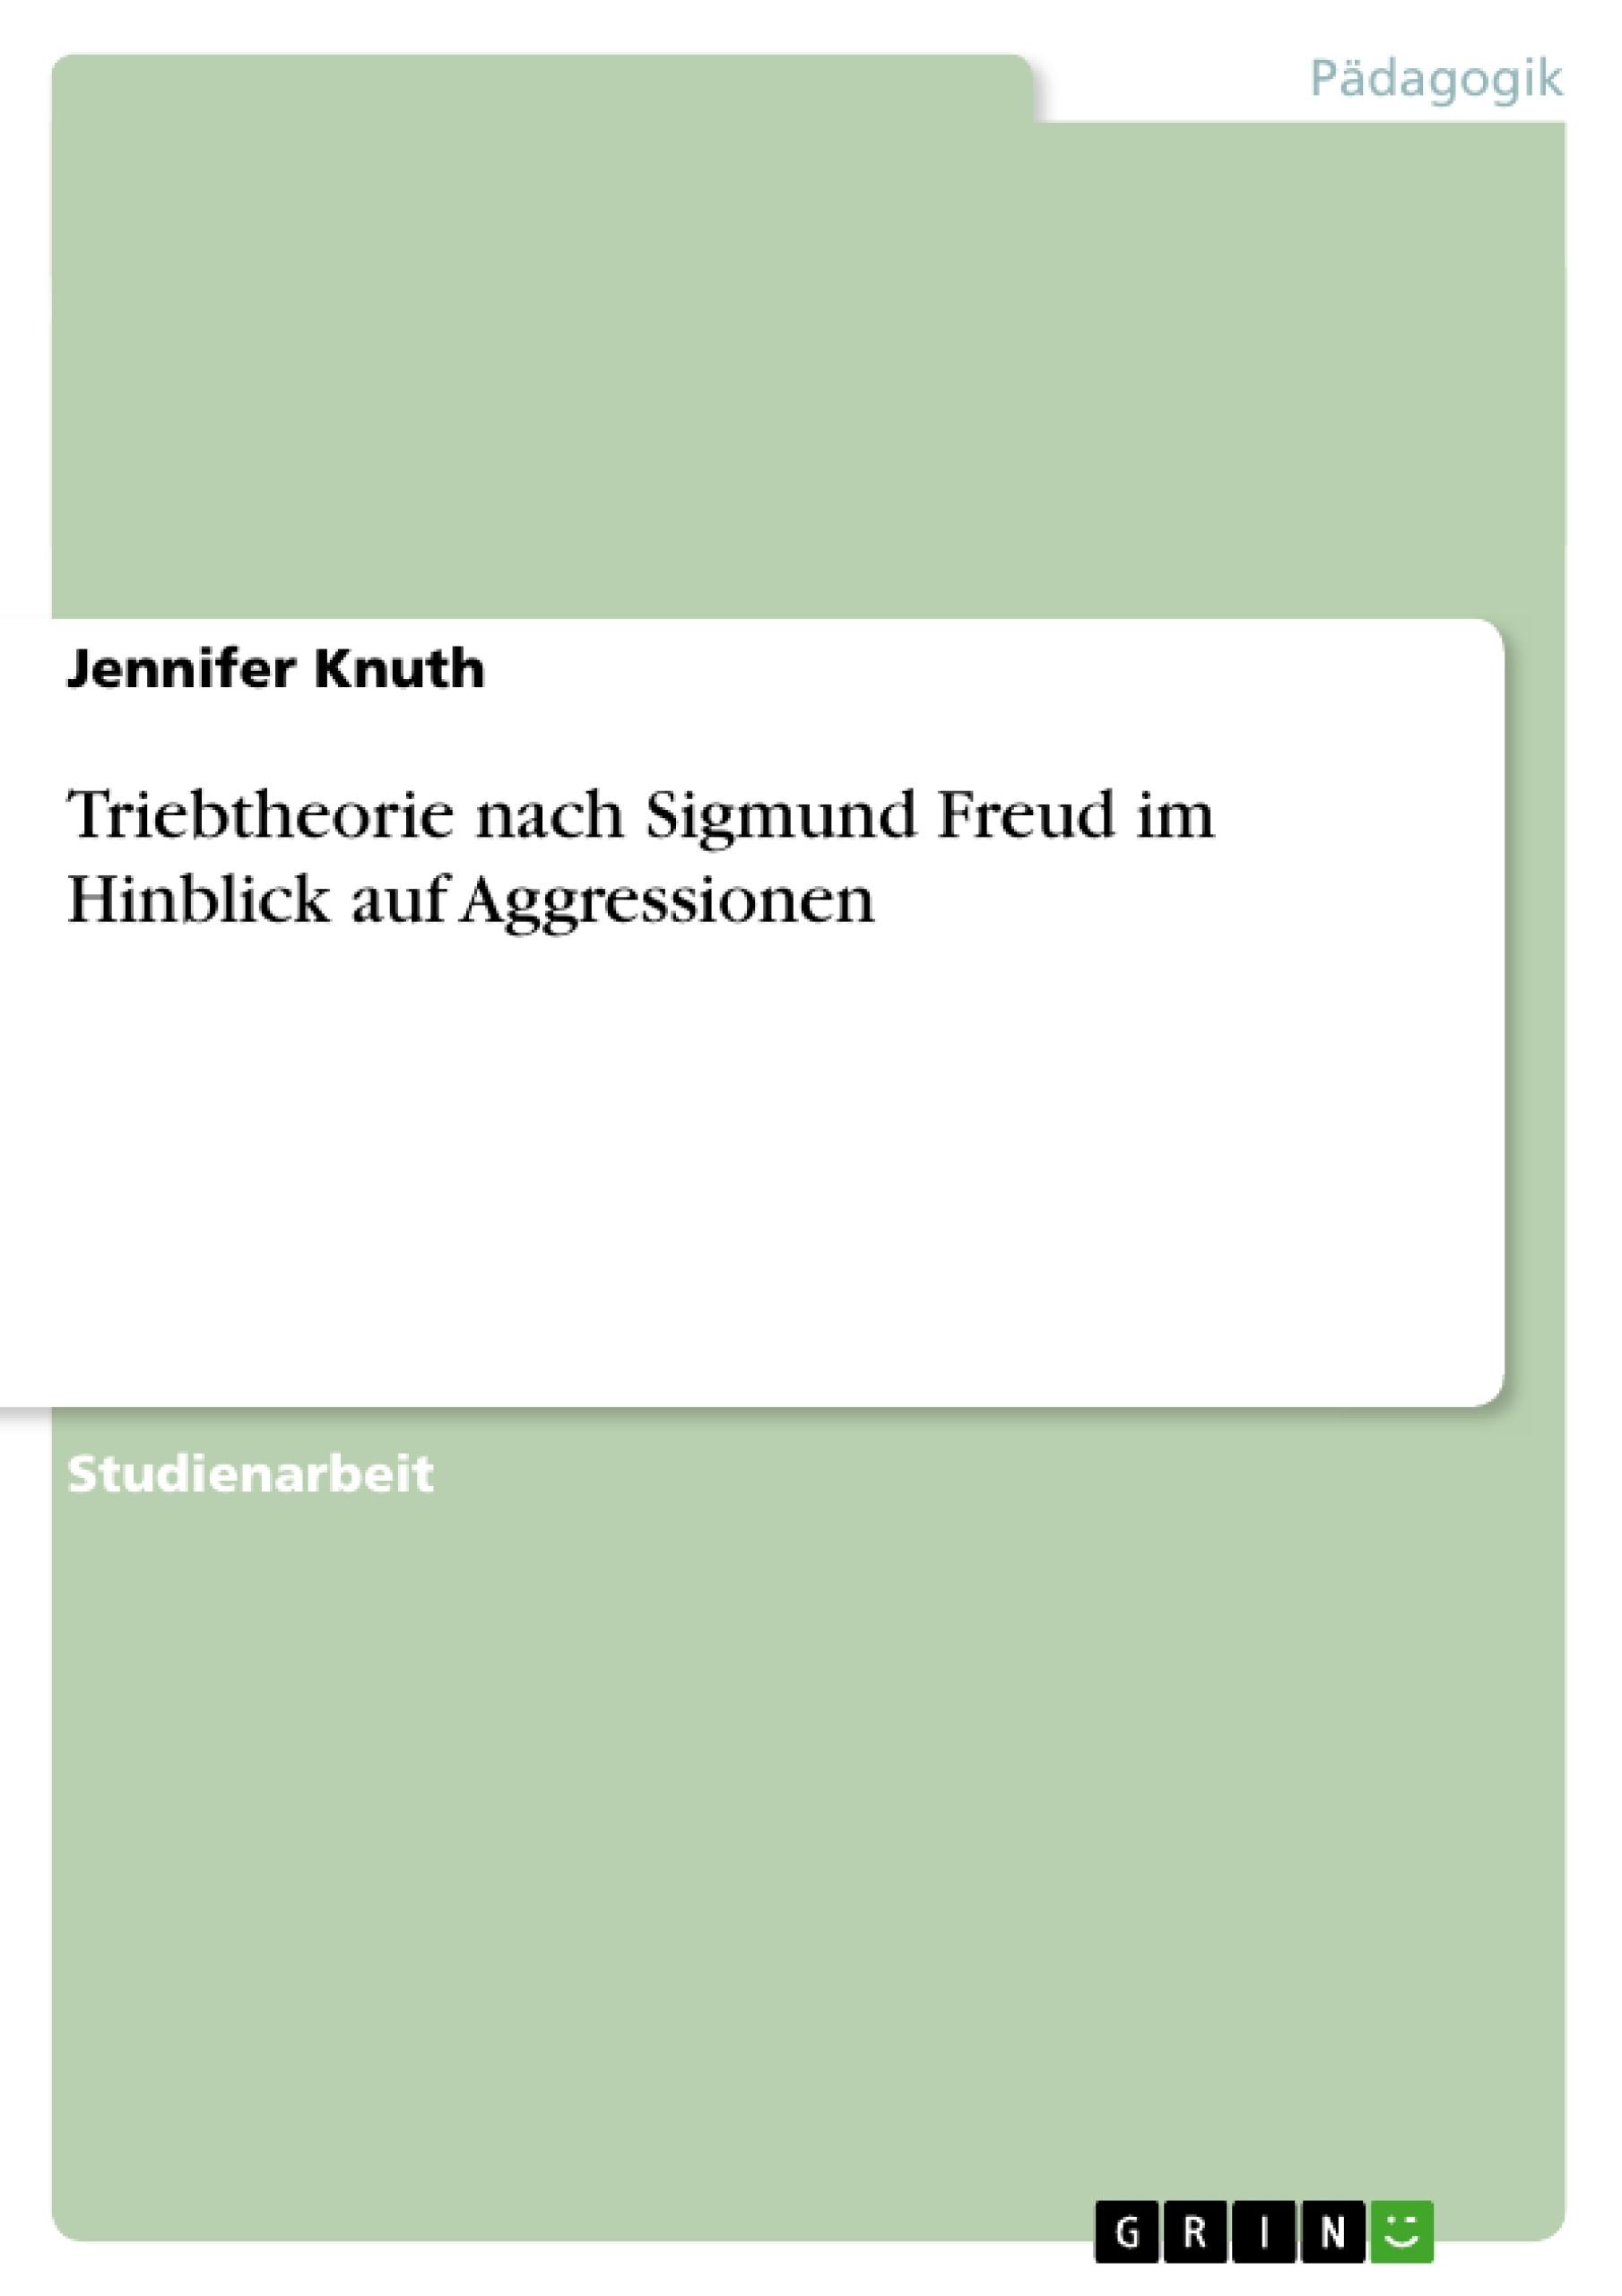 Titel: Triebtheorie nach Sigmund Freud im Hinblick auf Aggressionen